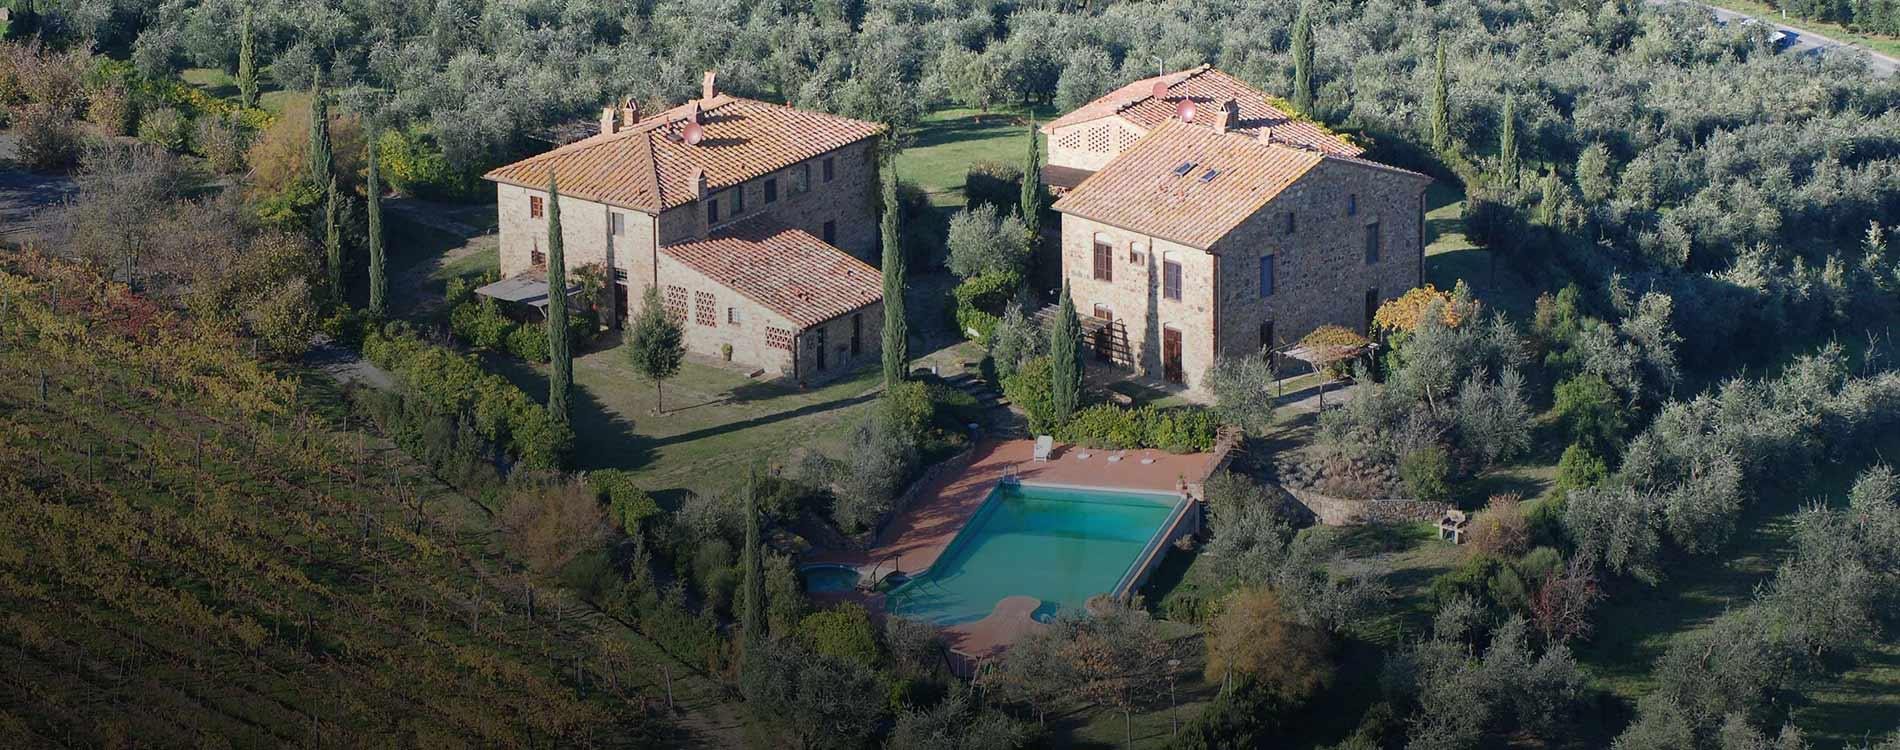 Rigone in Chianti, esterni dell'agriturismo in Toscana